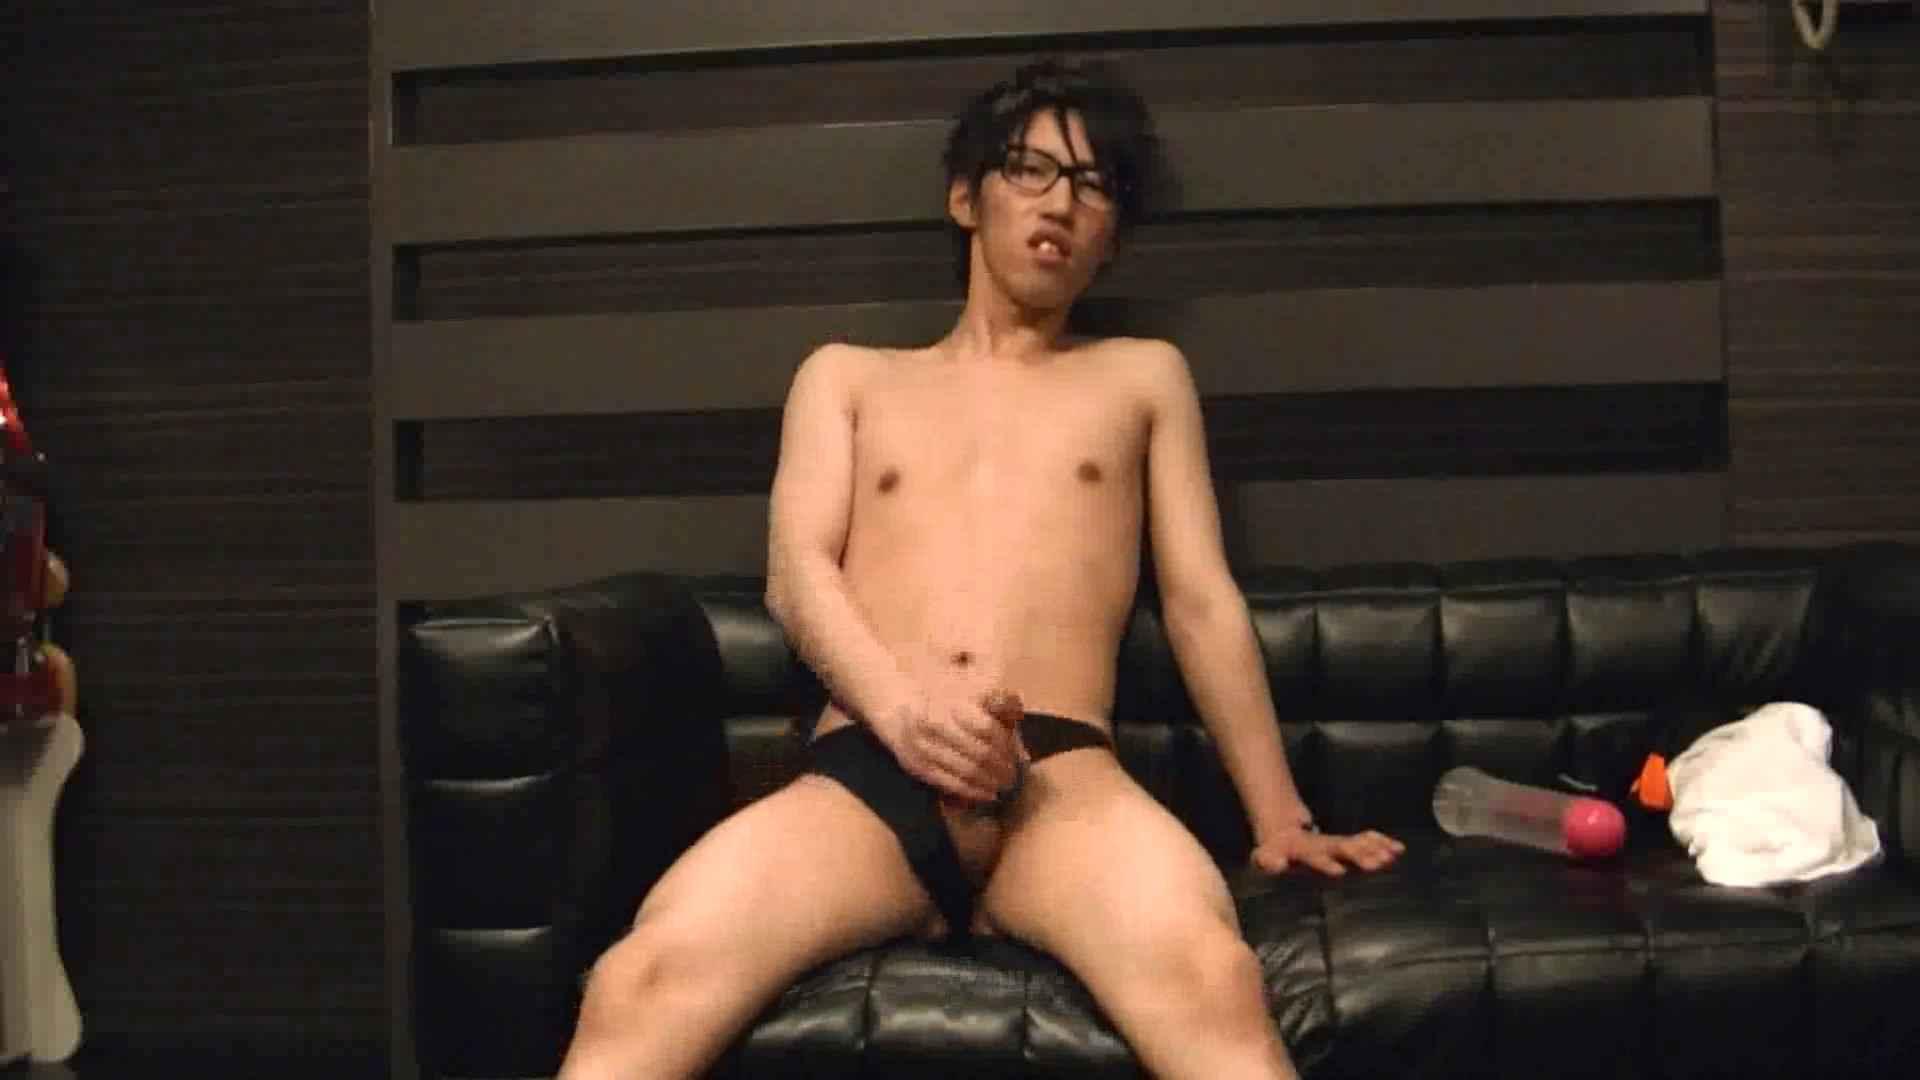 ONA見せカーニバル!! Vol3 ゲイのオナニー映像  103枚 100